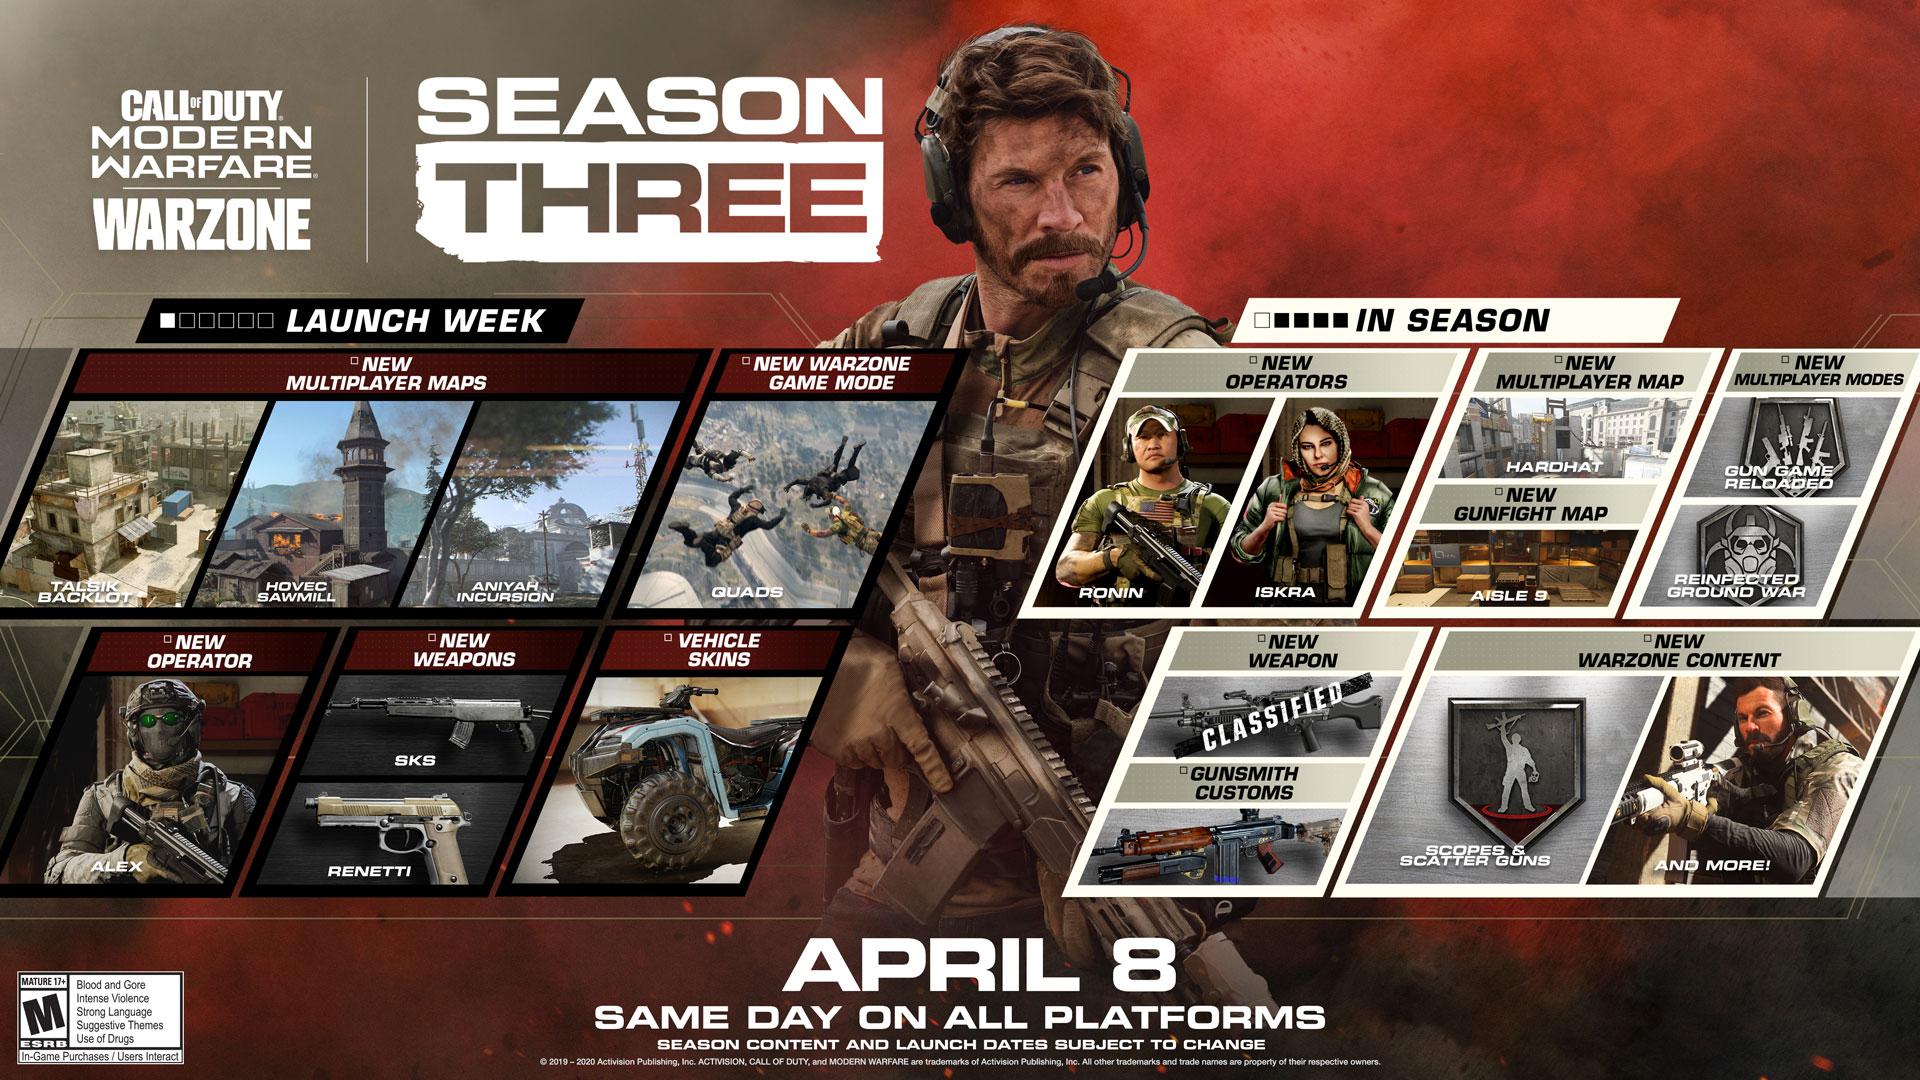 محتوای انحصاریِ فصل سومِ COD: Warzone برای PS4 مشخص شد